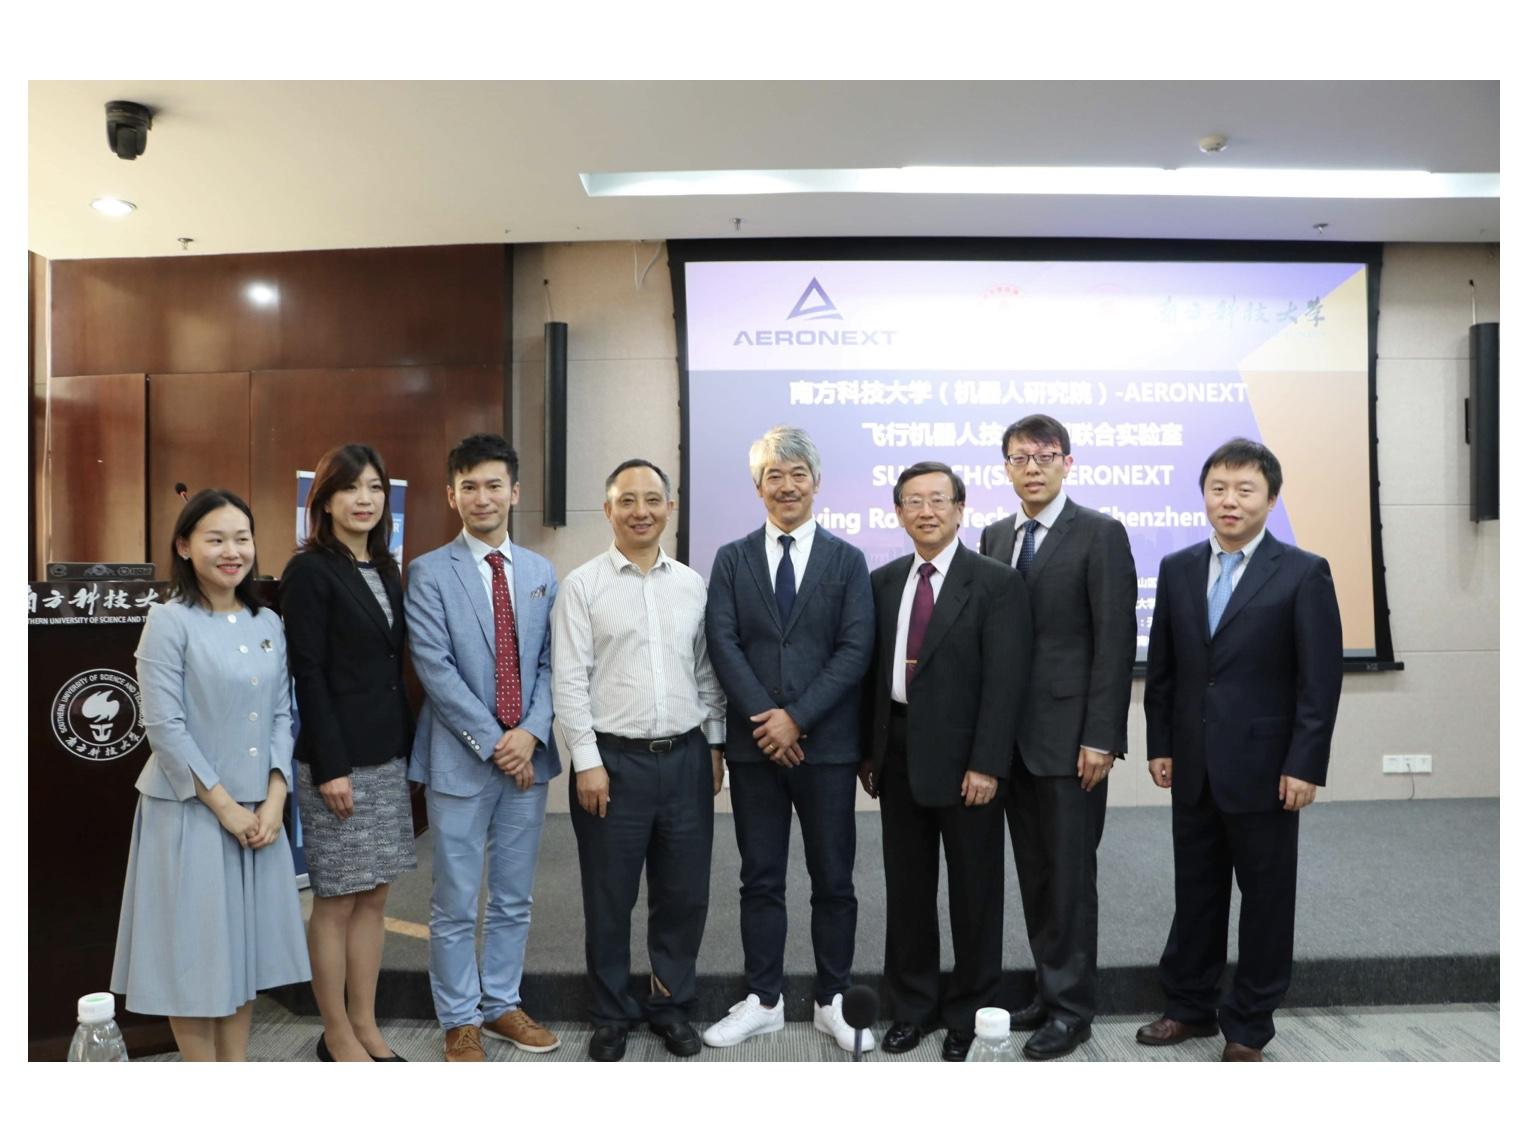 エアロネクスト | 「空飛ぶロボット」の社会実装のため中国深圳市に南方科技大学と研究開発ラボを設立